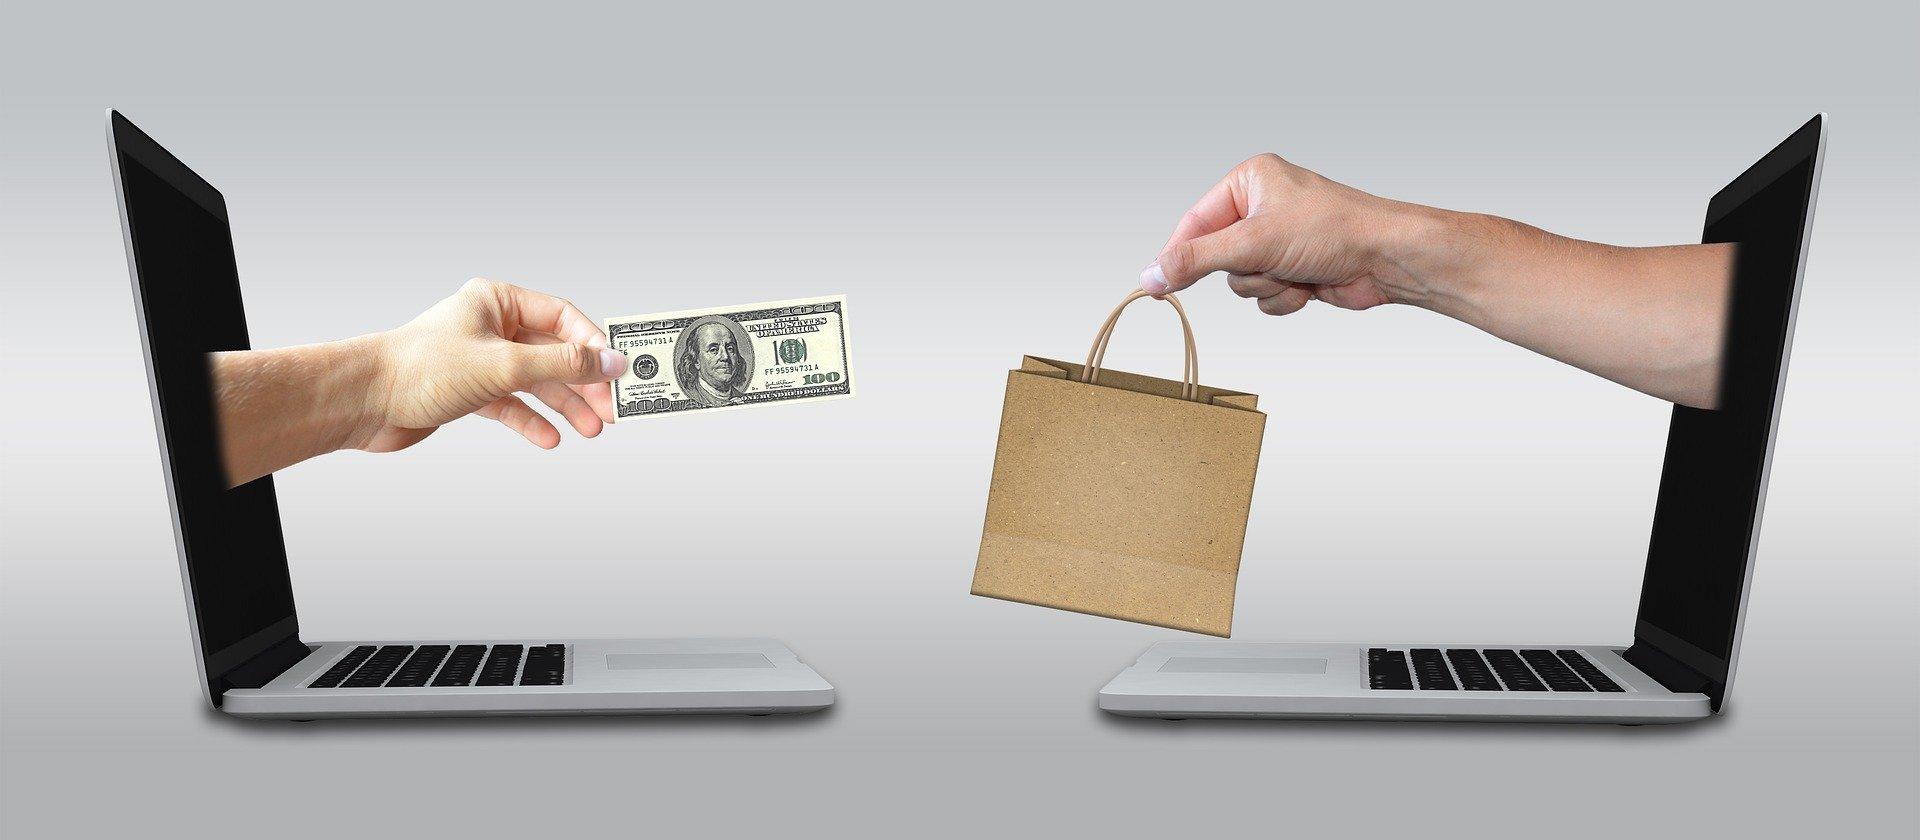 Ejemplo de eCommerce en México